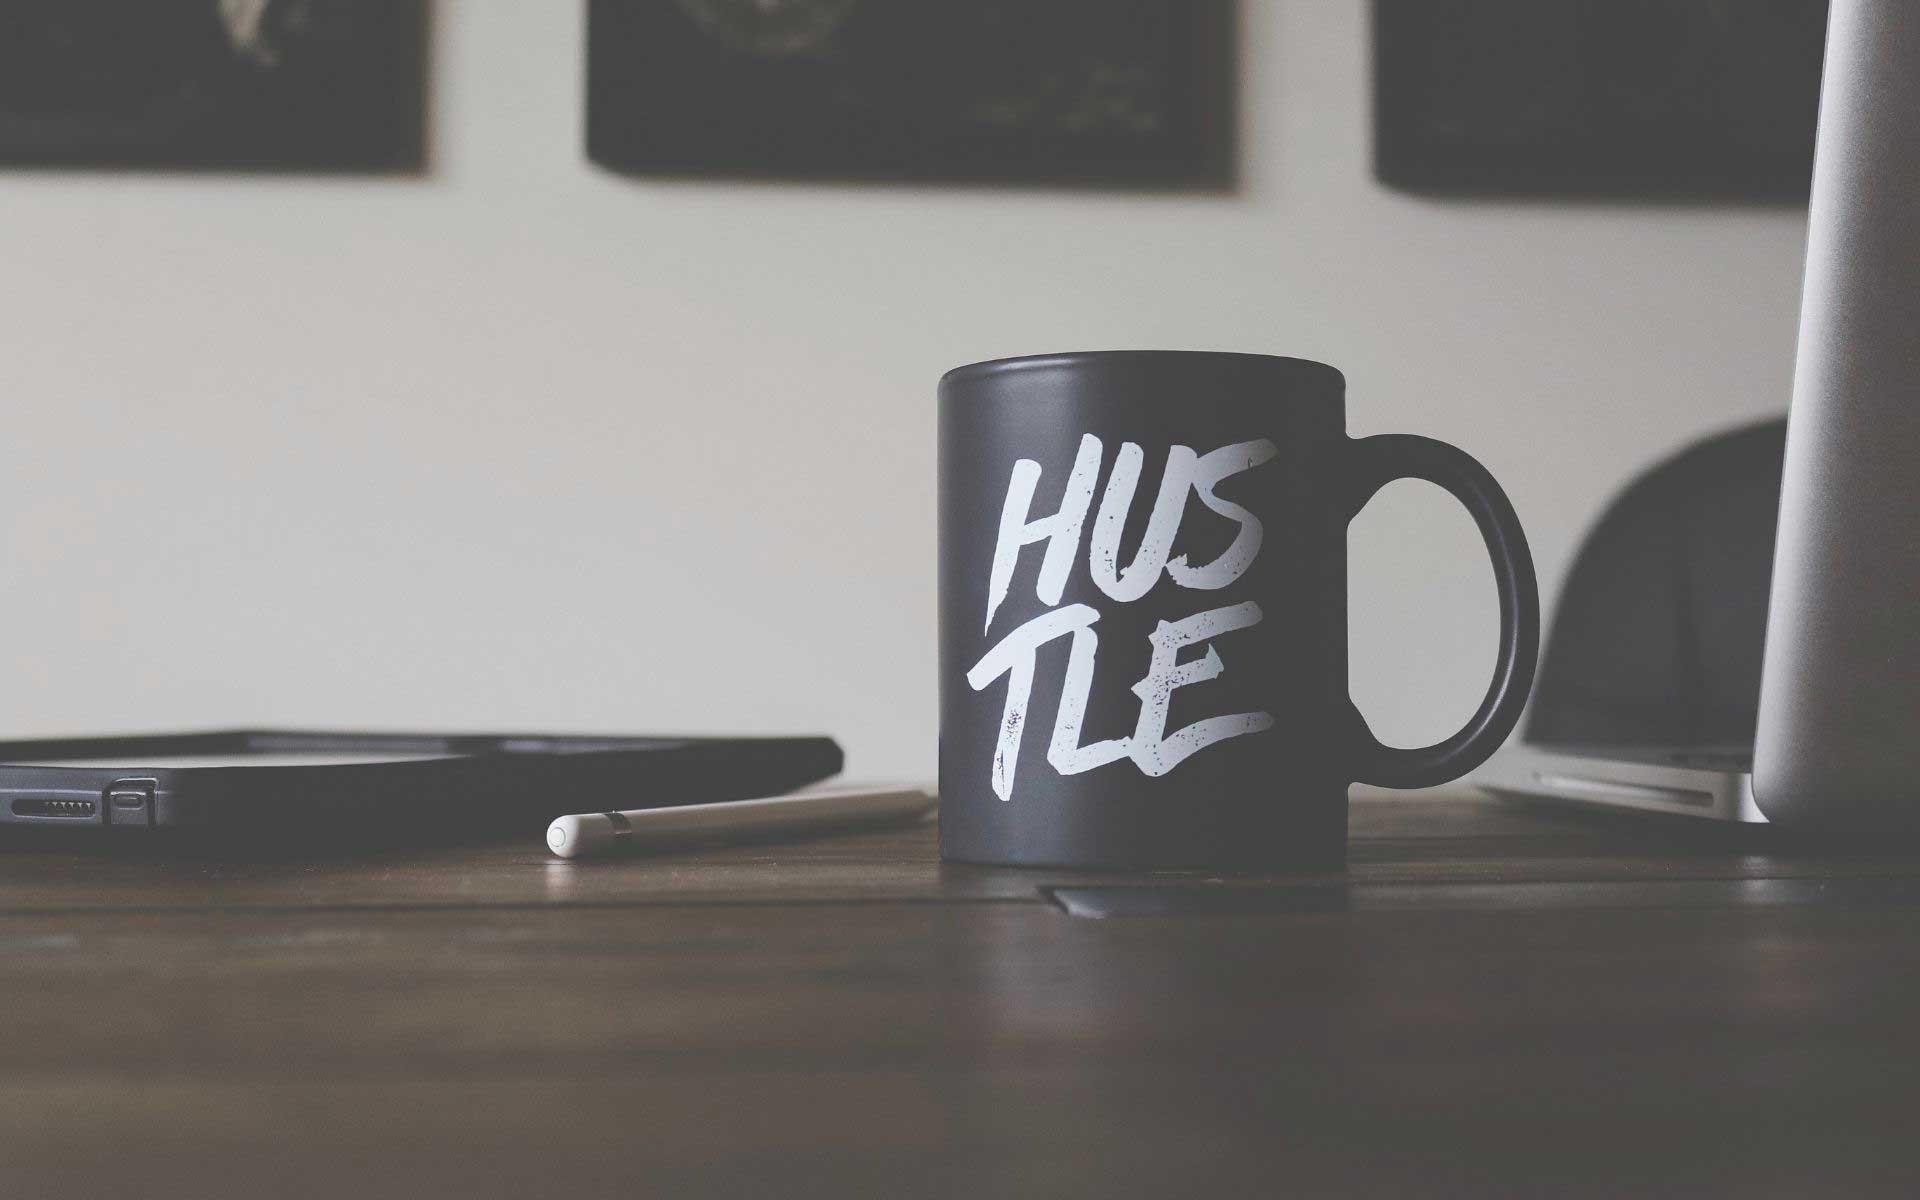 mug with hustle written on it